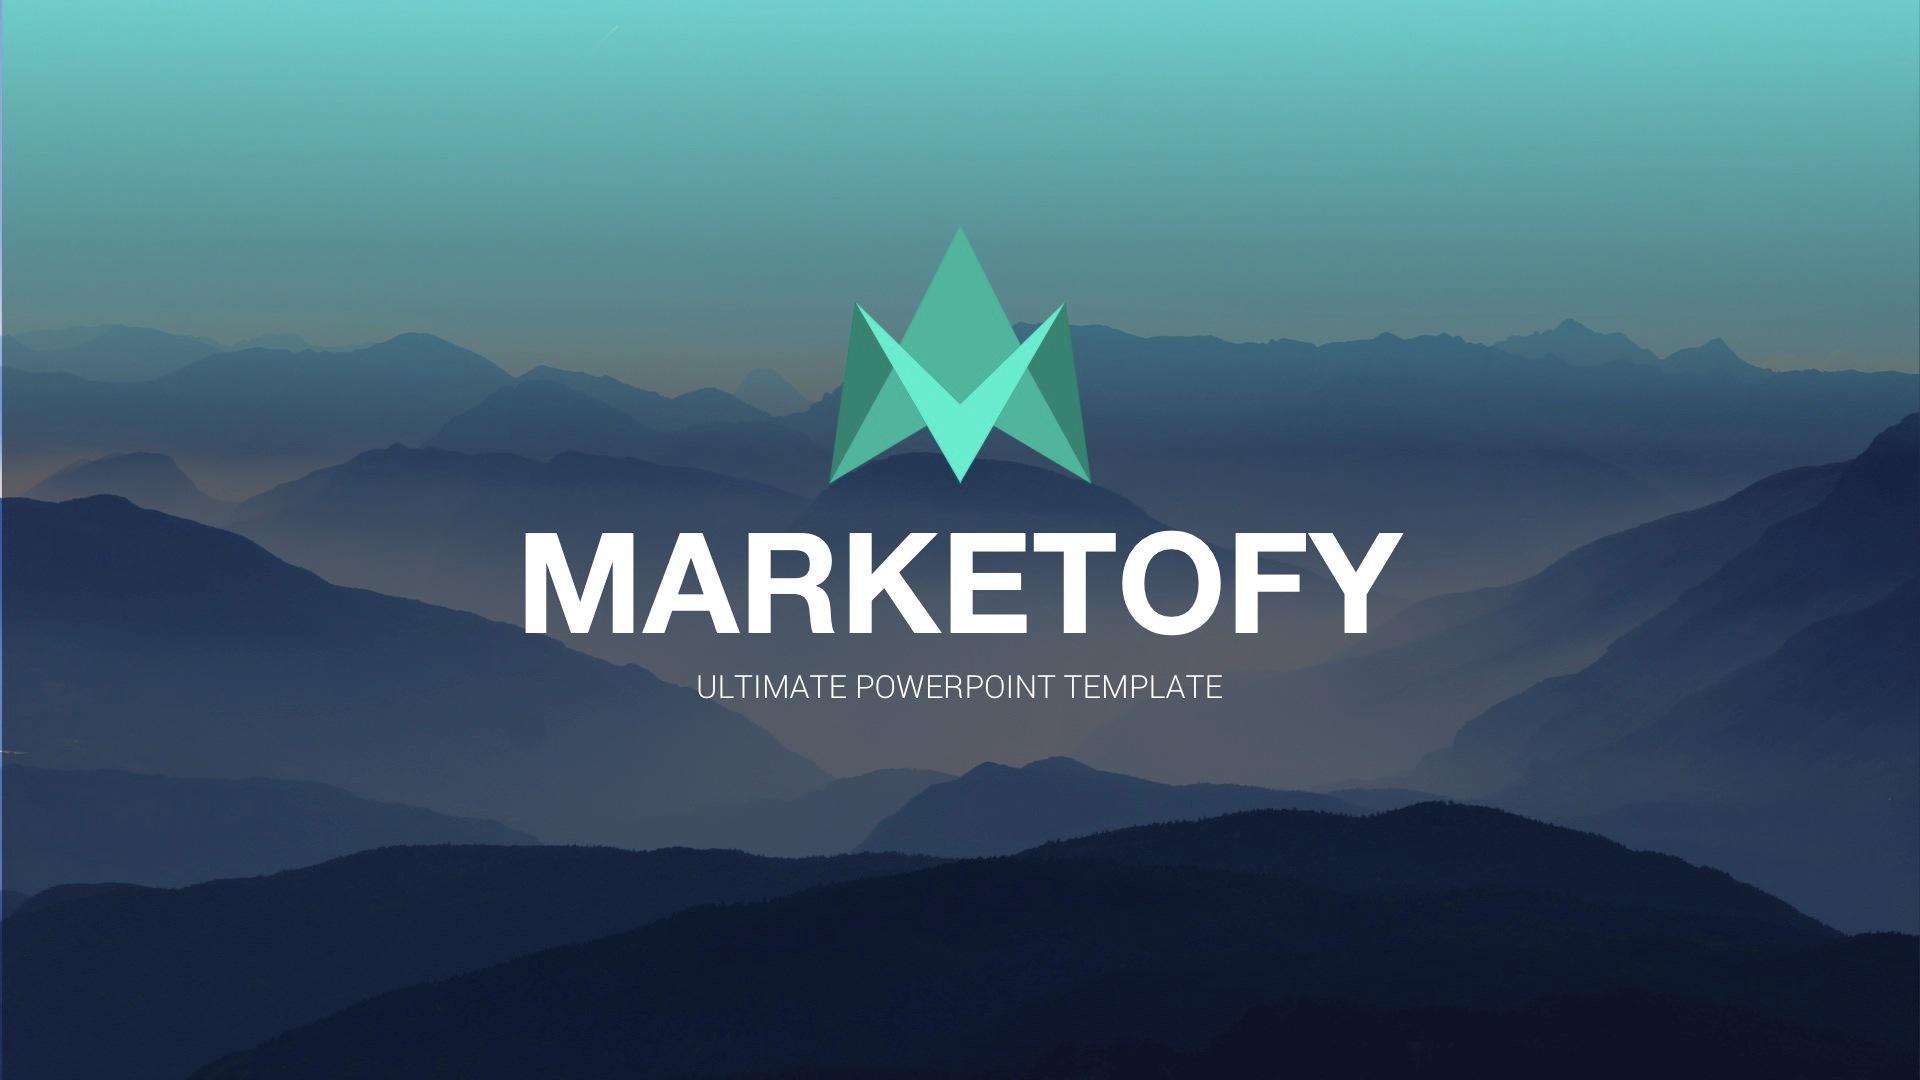 marketofy0.jpg